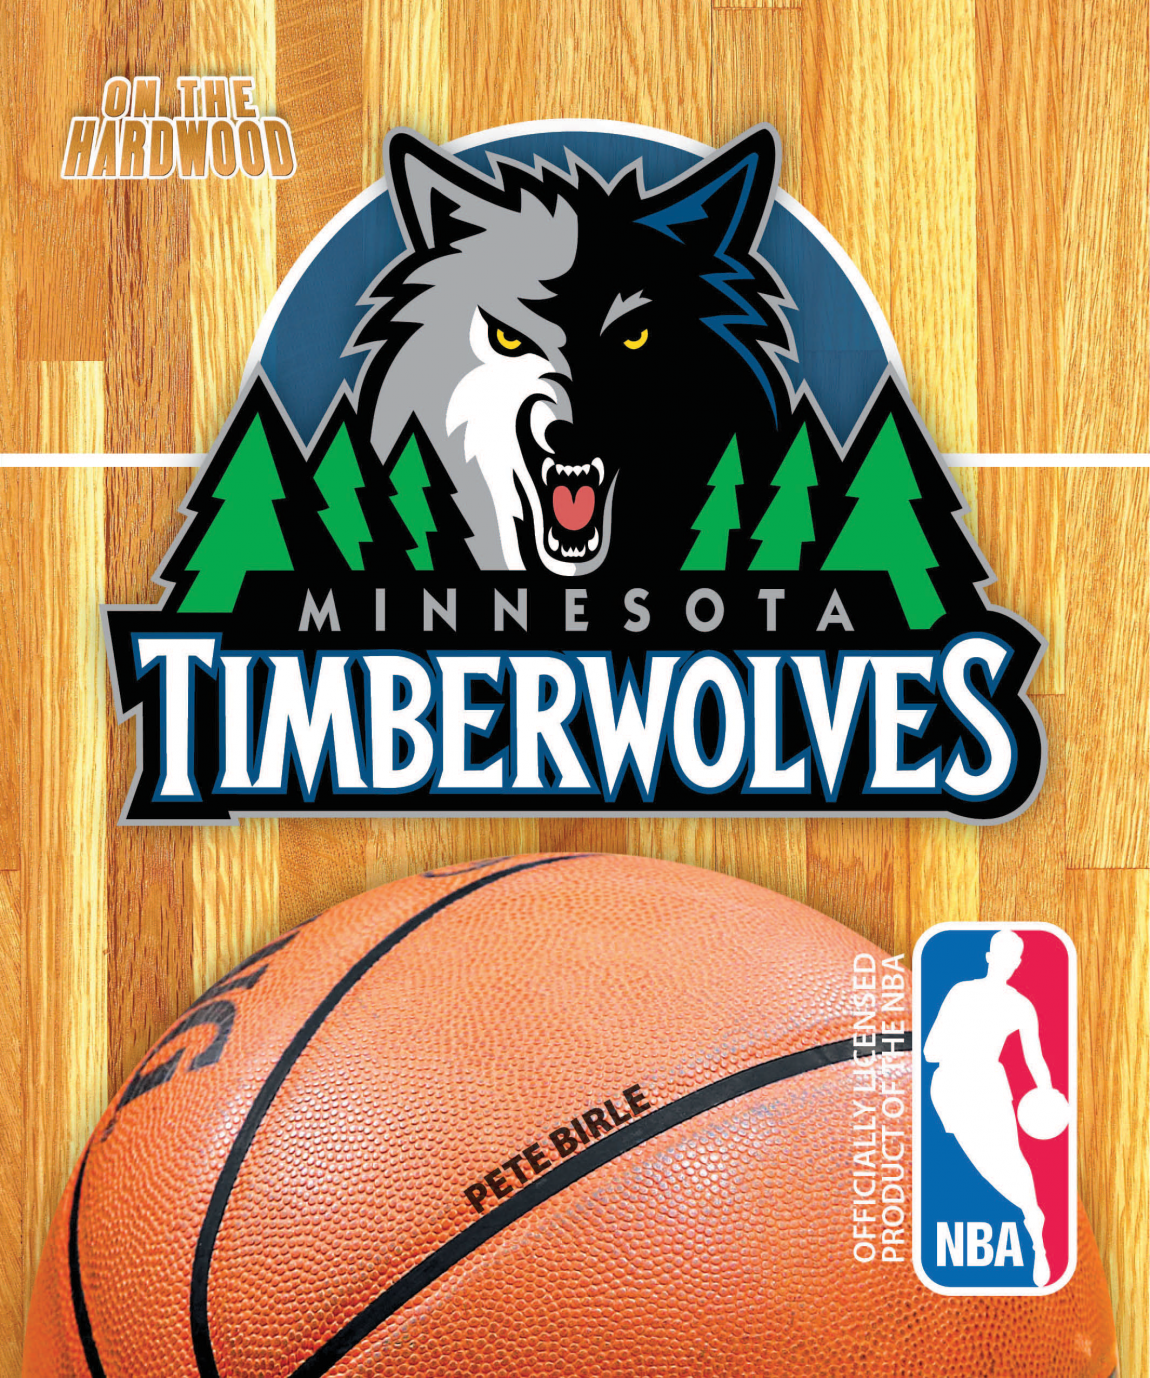 Timberwolves-1.png